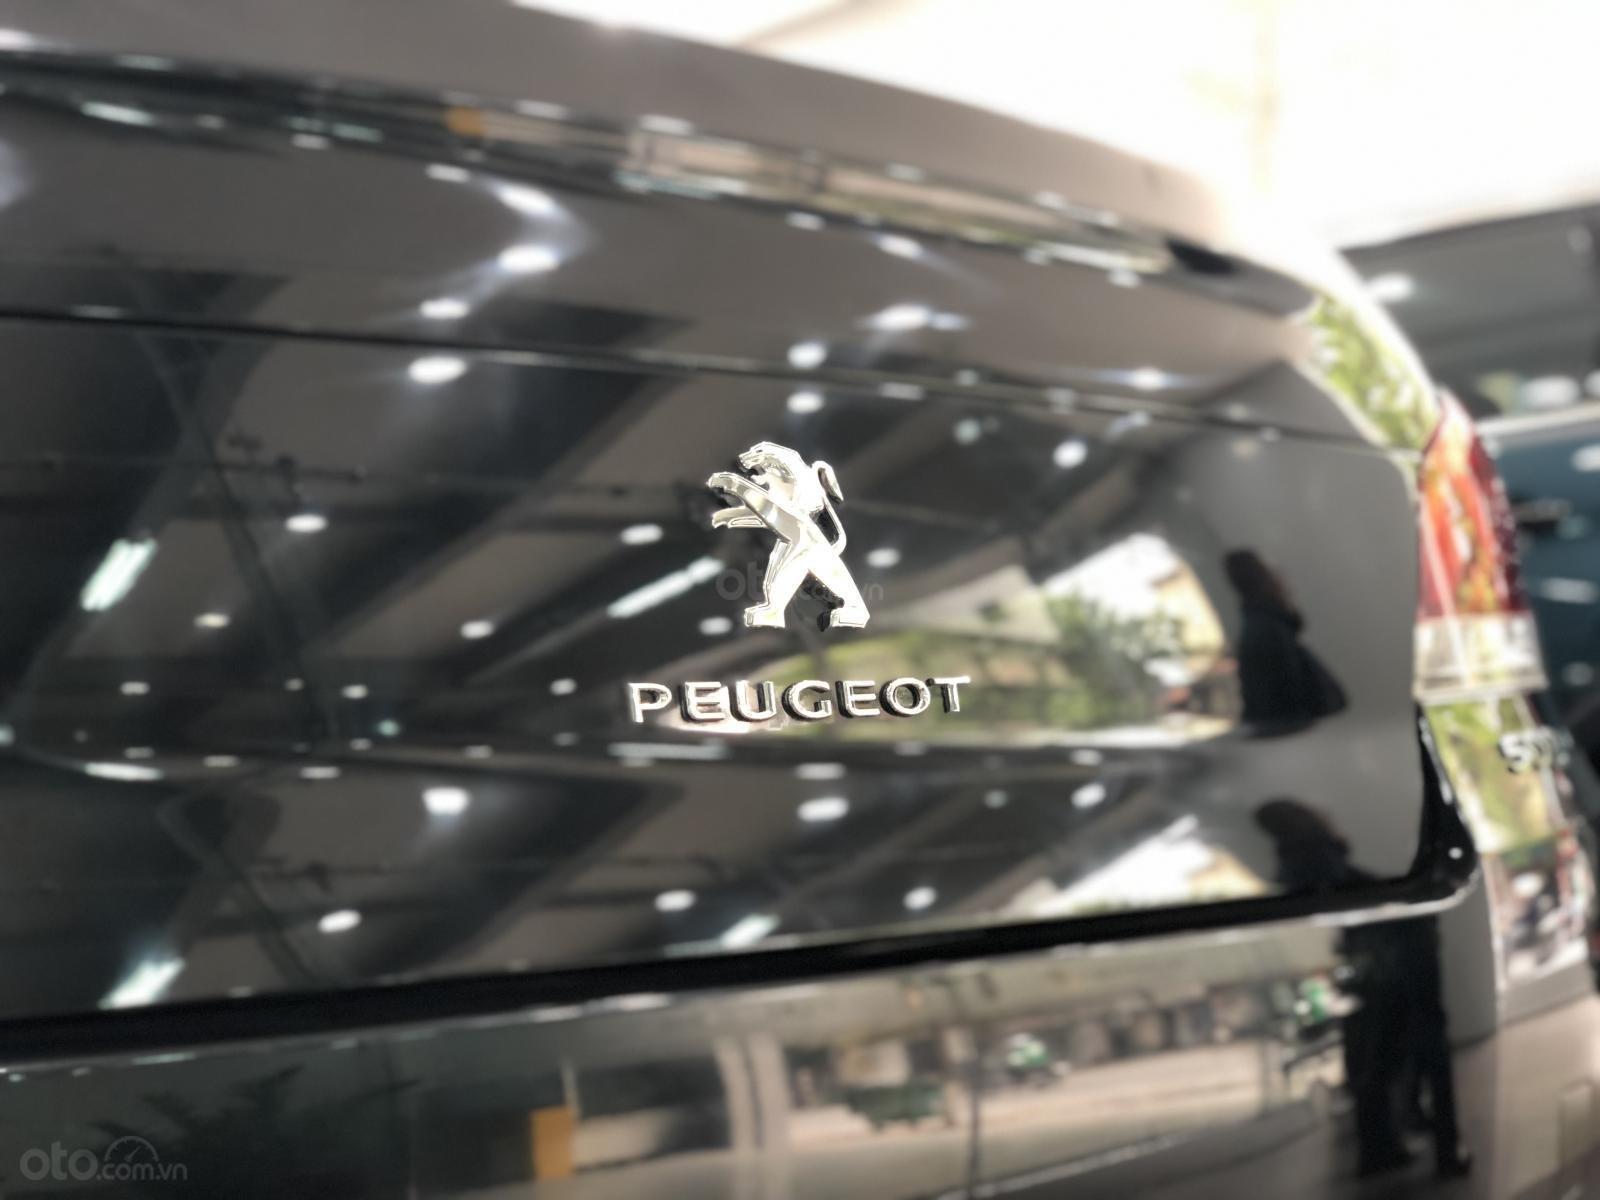 Peugeot Lê Duẩn (11)